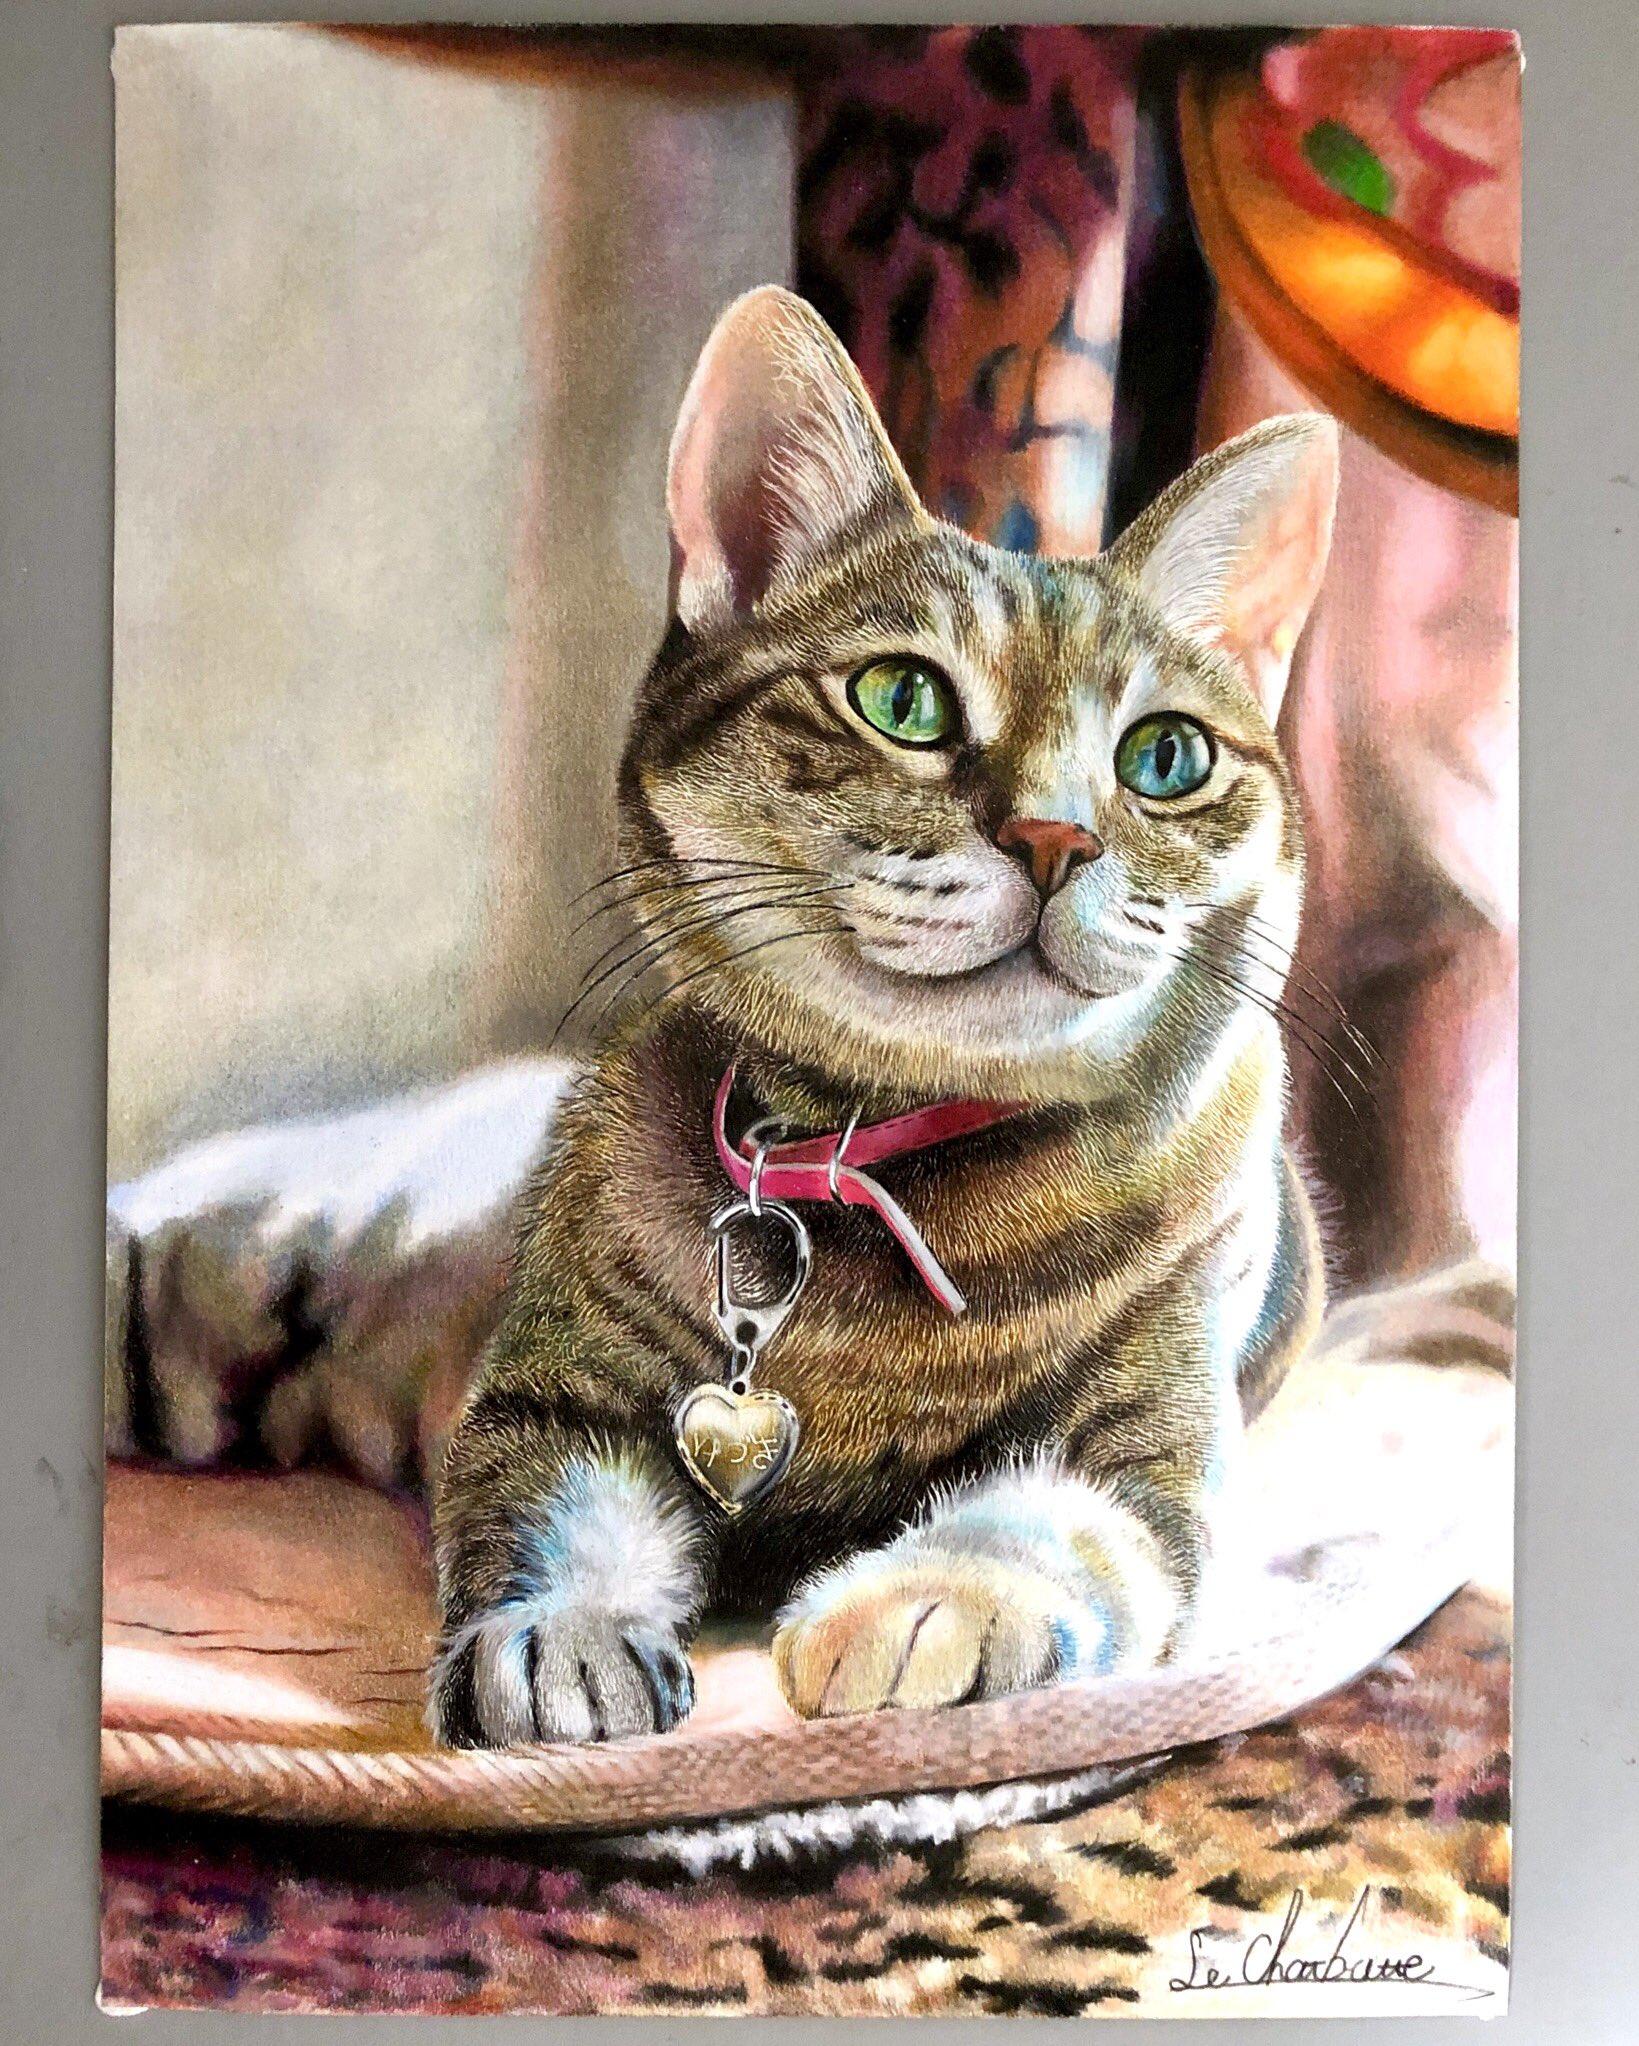 Фото Нарисованная кошка с брелком на шее